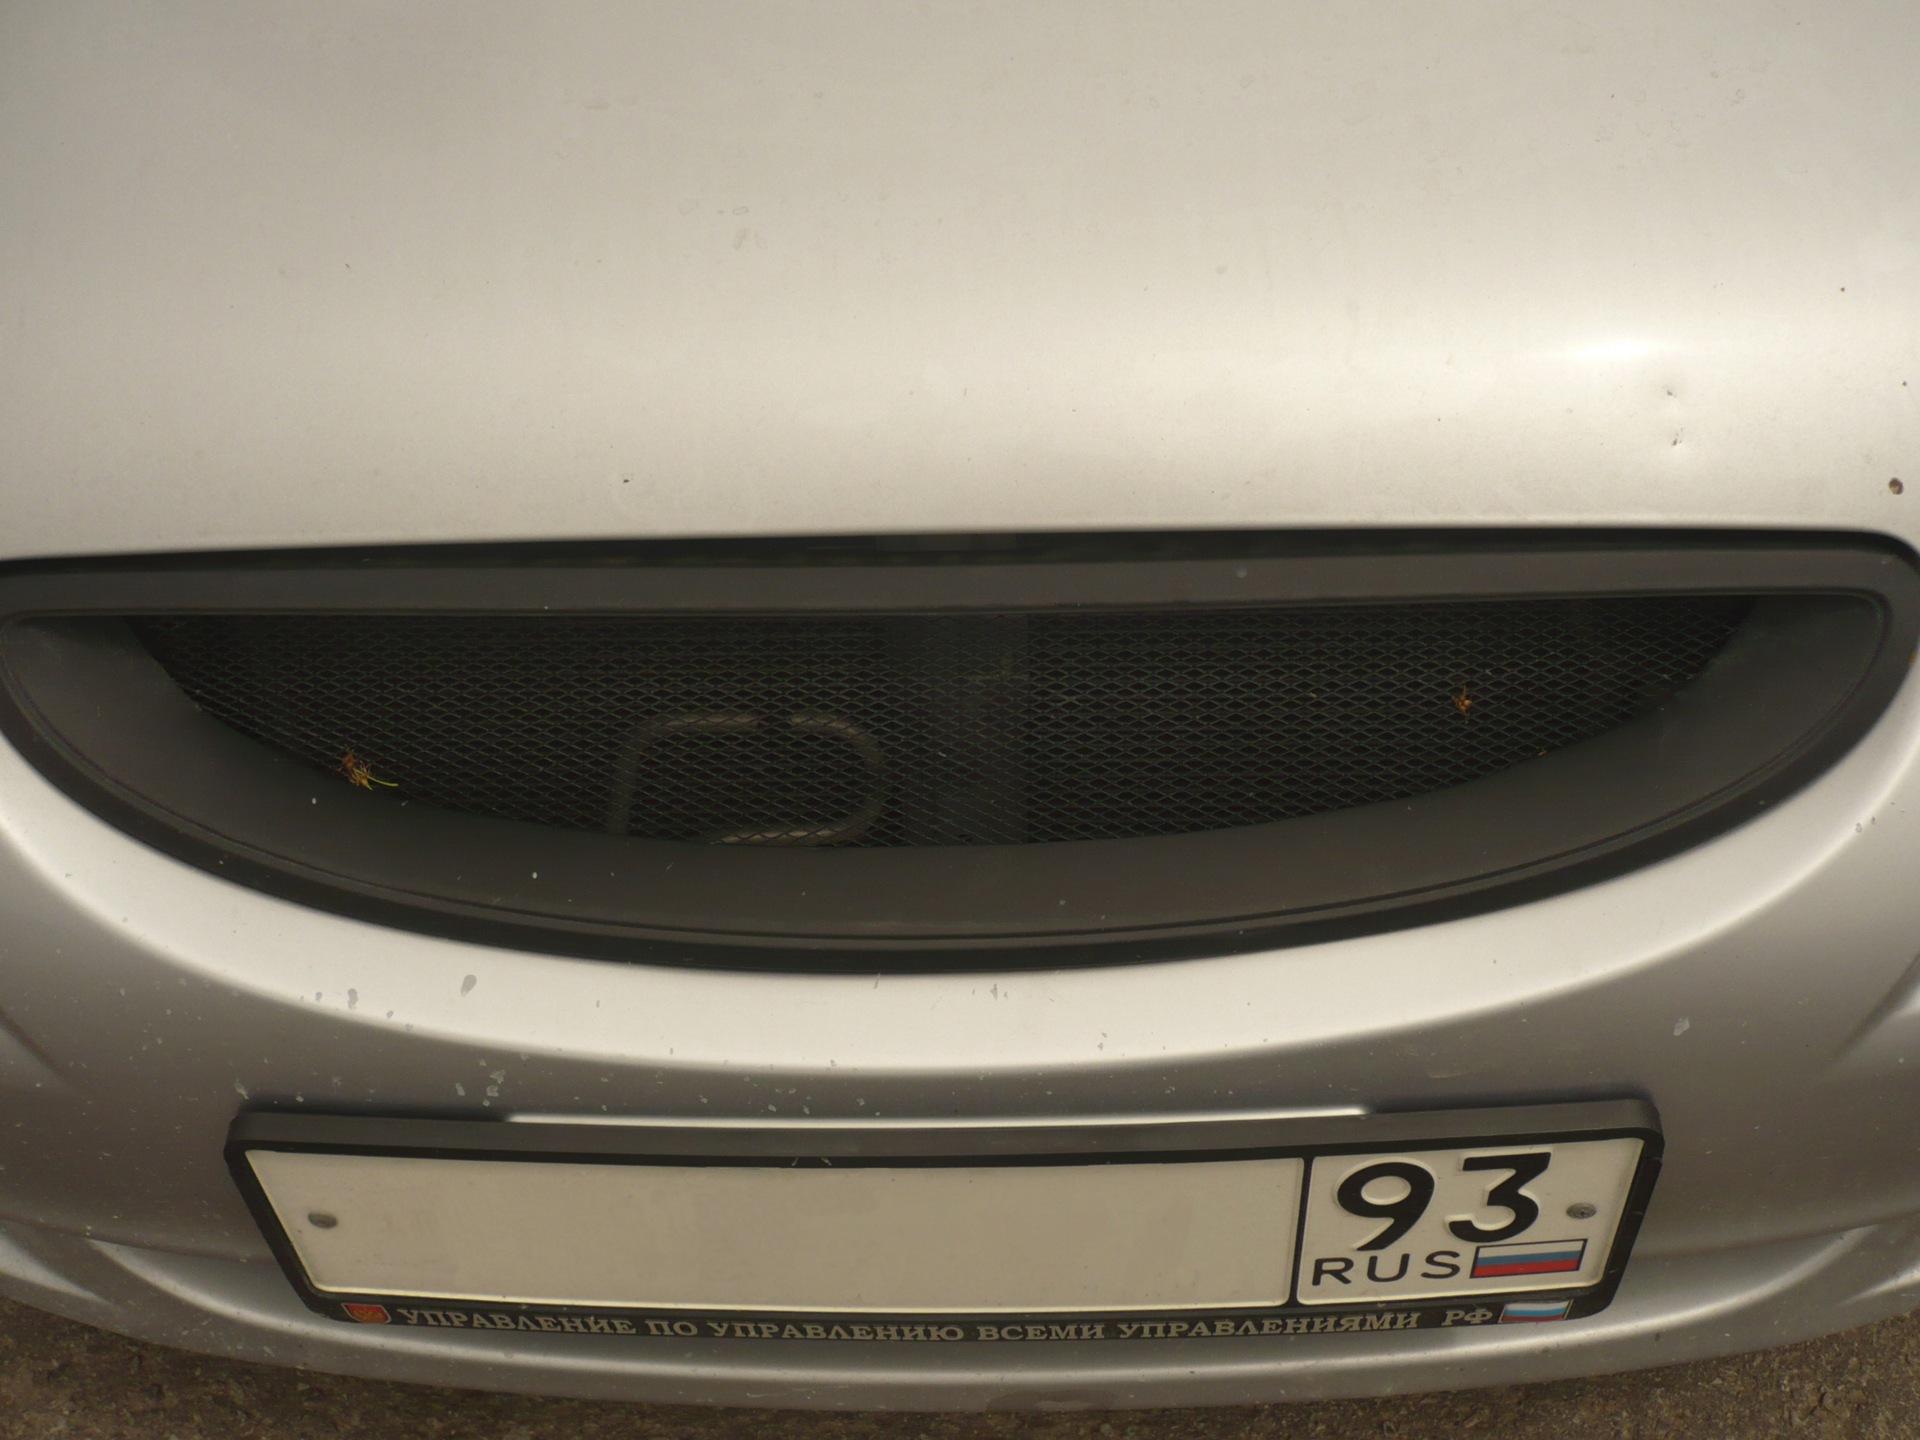 Установка ДХО в решетку радиатора Hyundai Accent